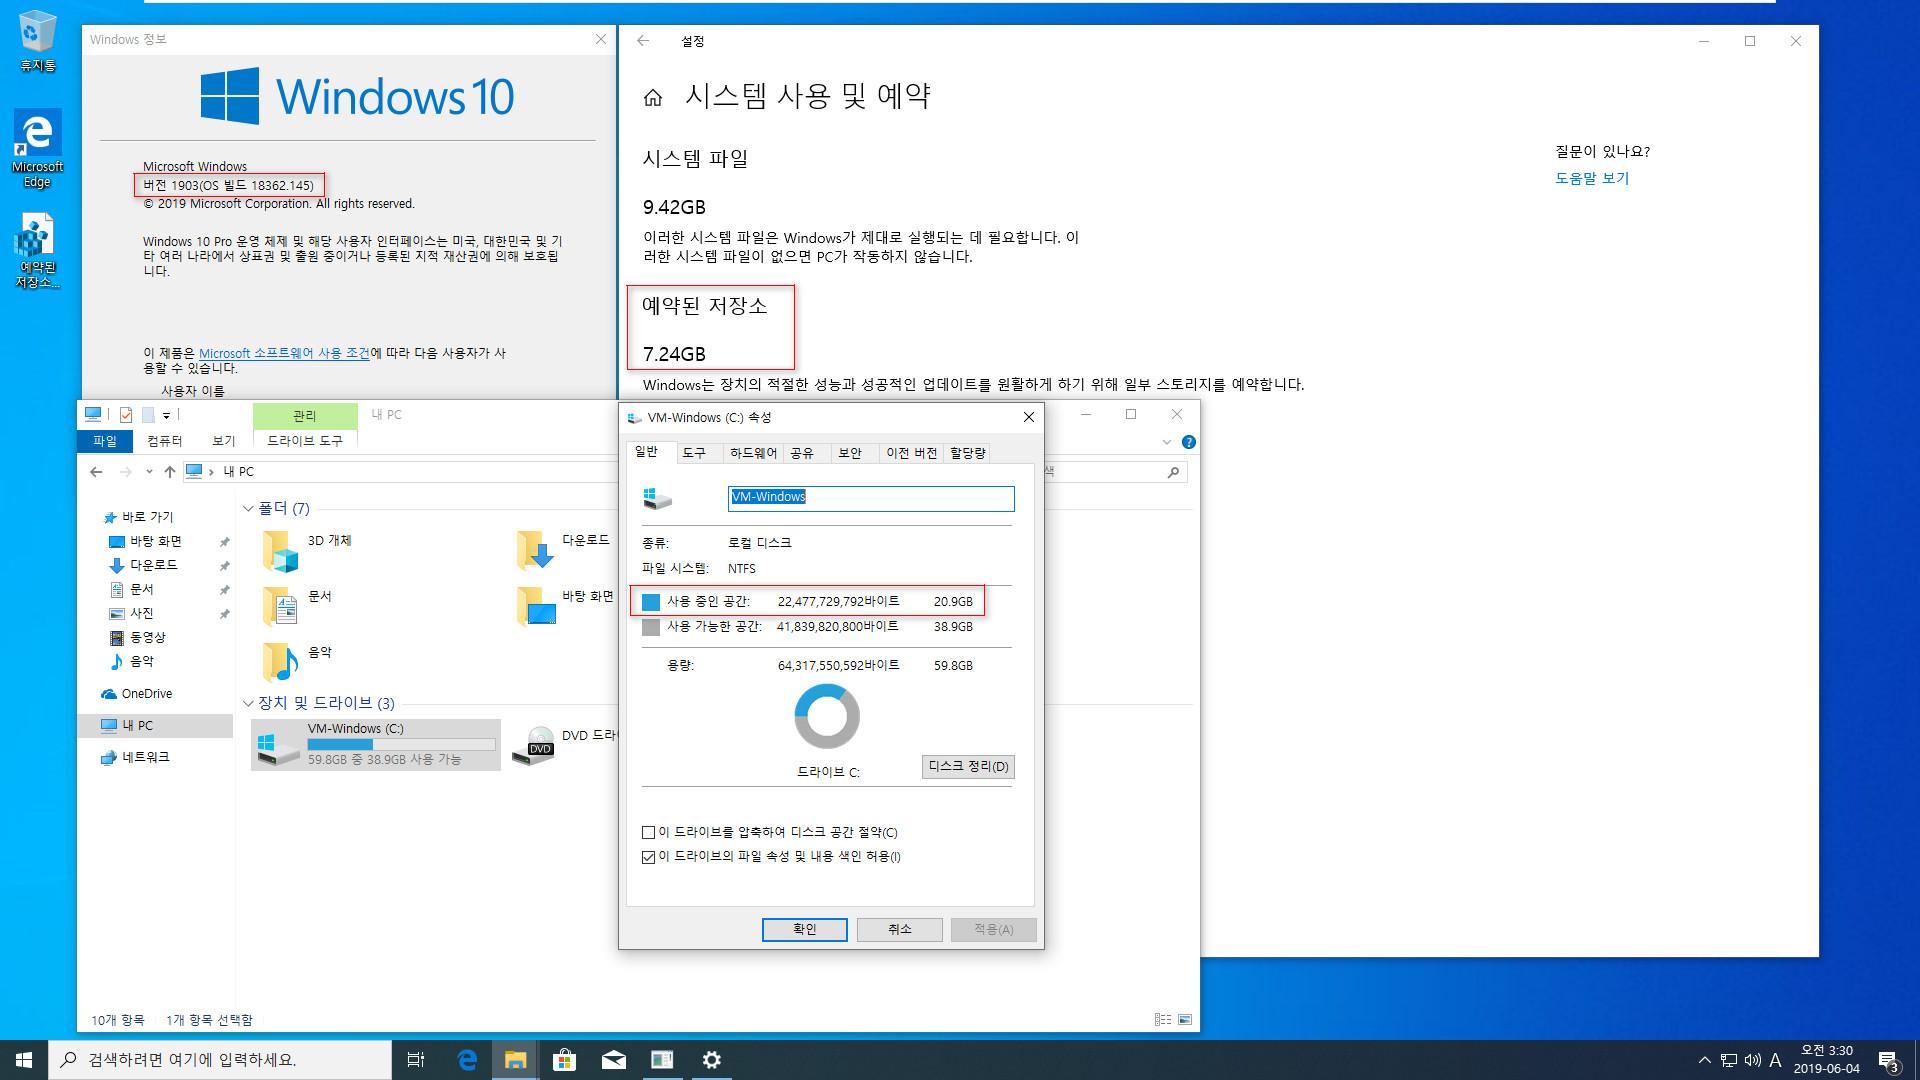 Windows 10 버전1903 부터 생긴 예약된 저장소 해제하기 테스트3 - 결과는 처음부터 18362.145 빌드를 설치하고 레지스트리 적용하면 여전히 반영이 안 됨,현재까지는 기능 업데이트 또는 품질 업데이트해야 반영이 됨 2019-06-04_033004.jpg